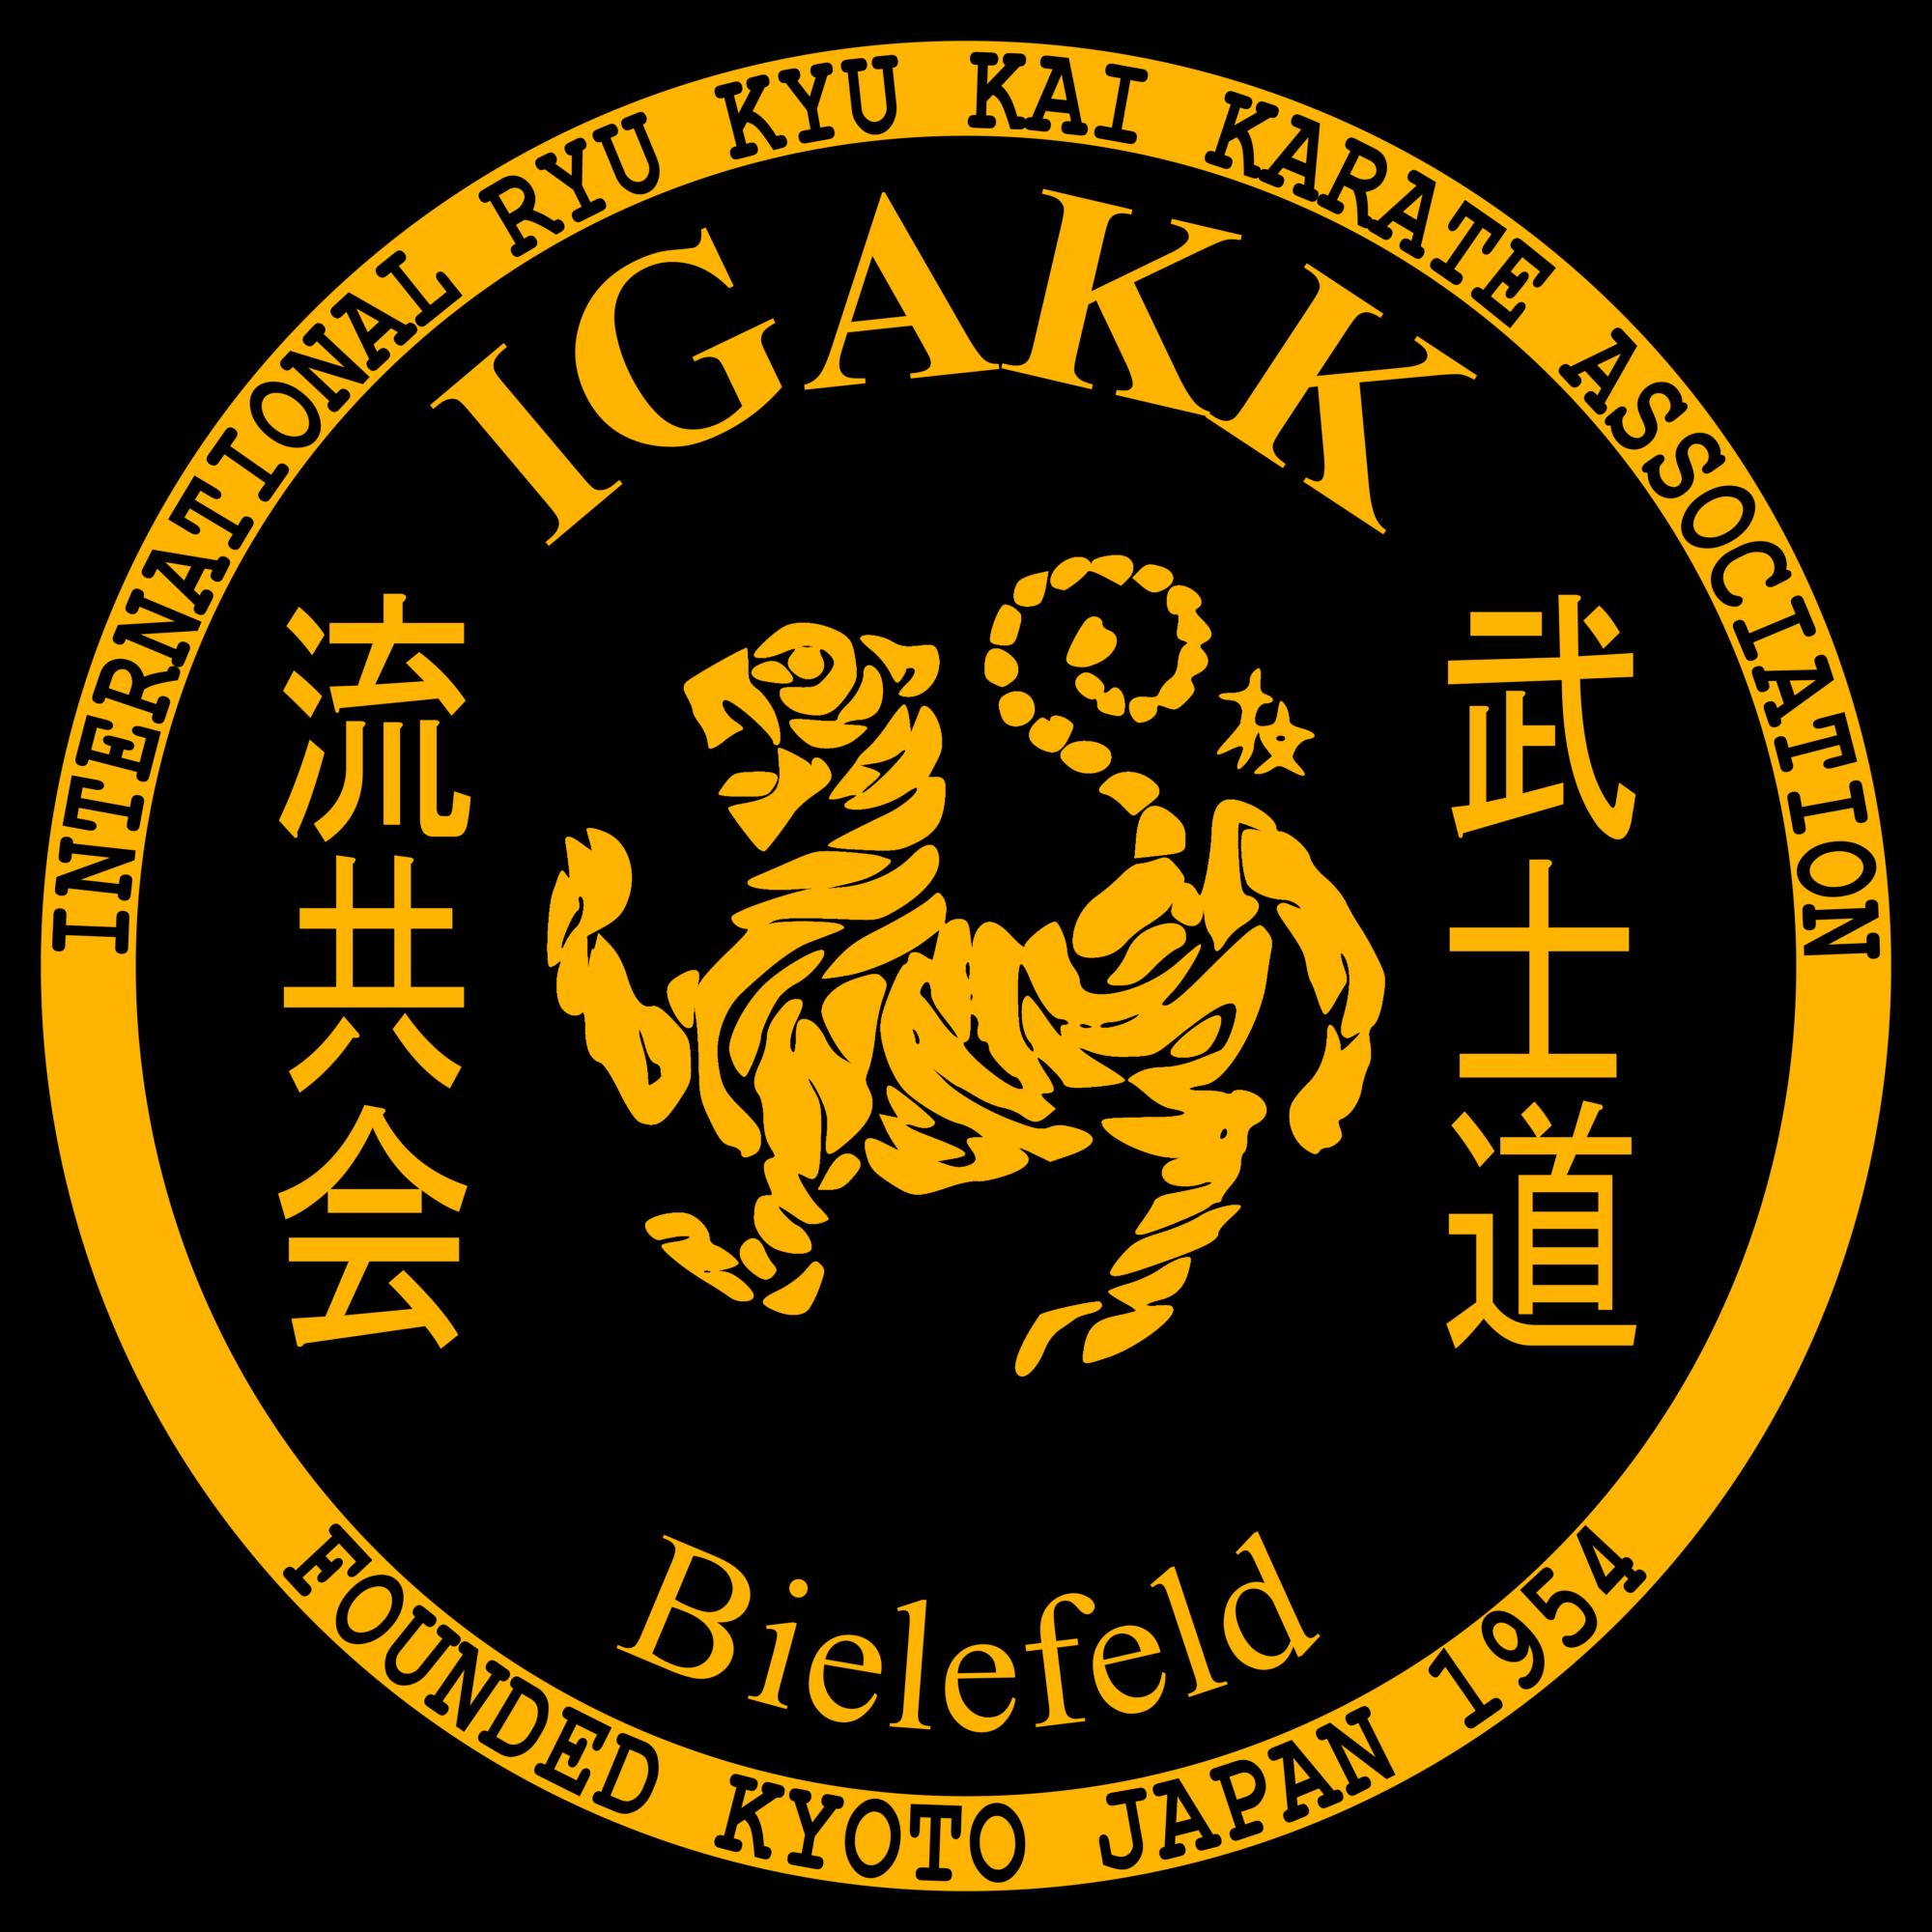 IGAKK Bielefeld